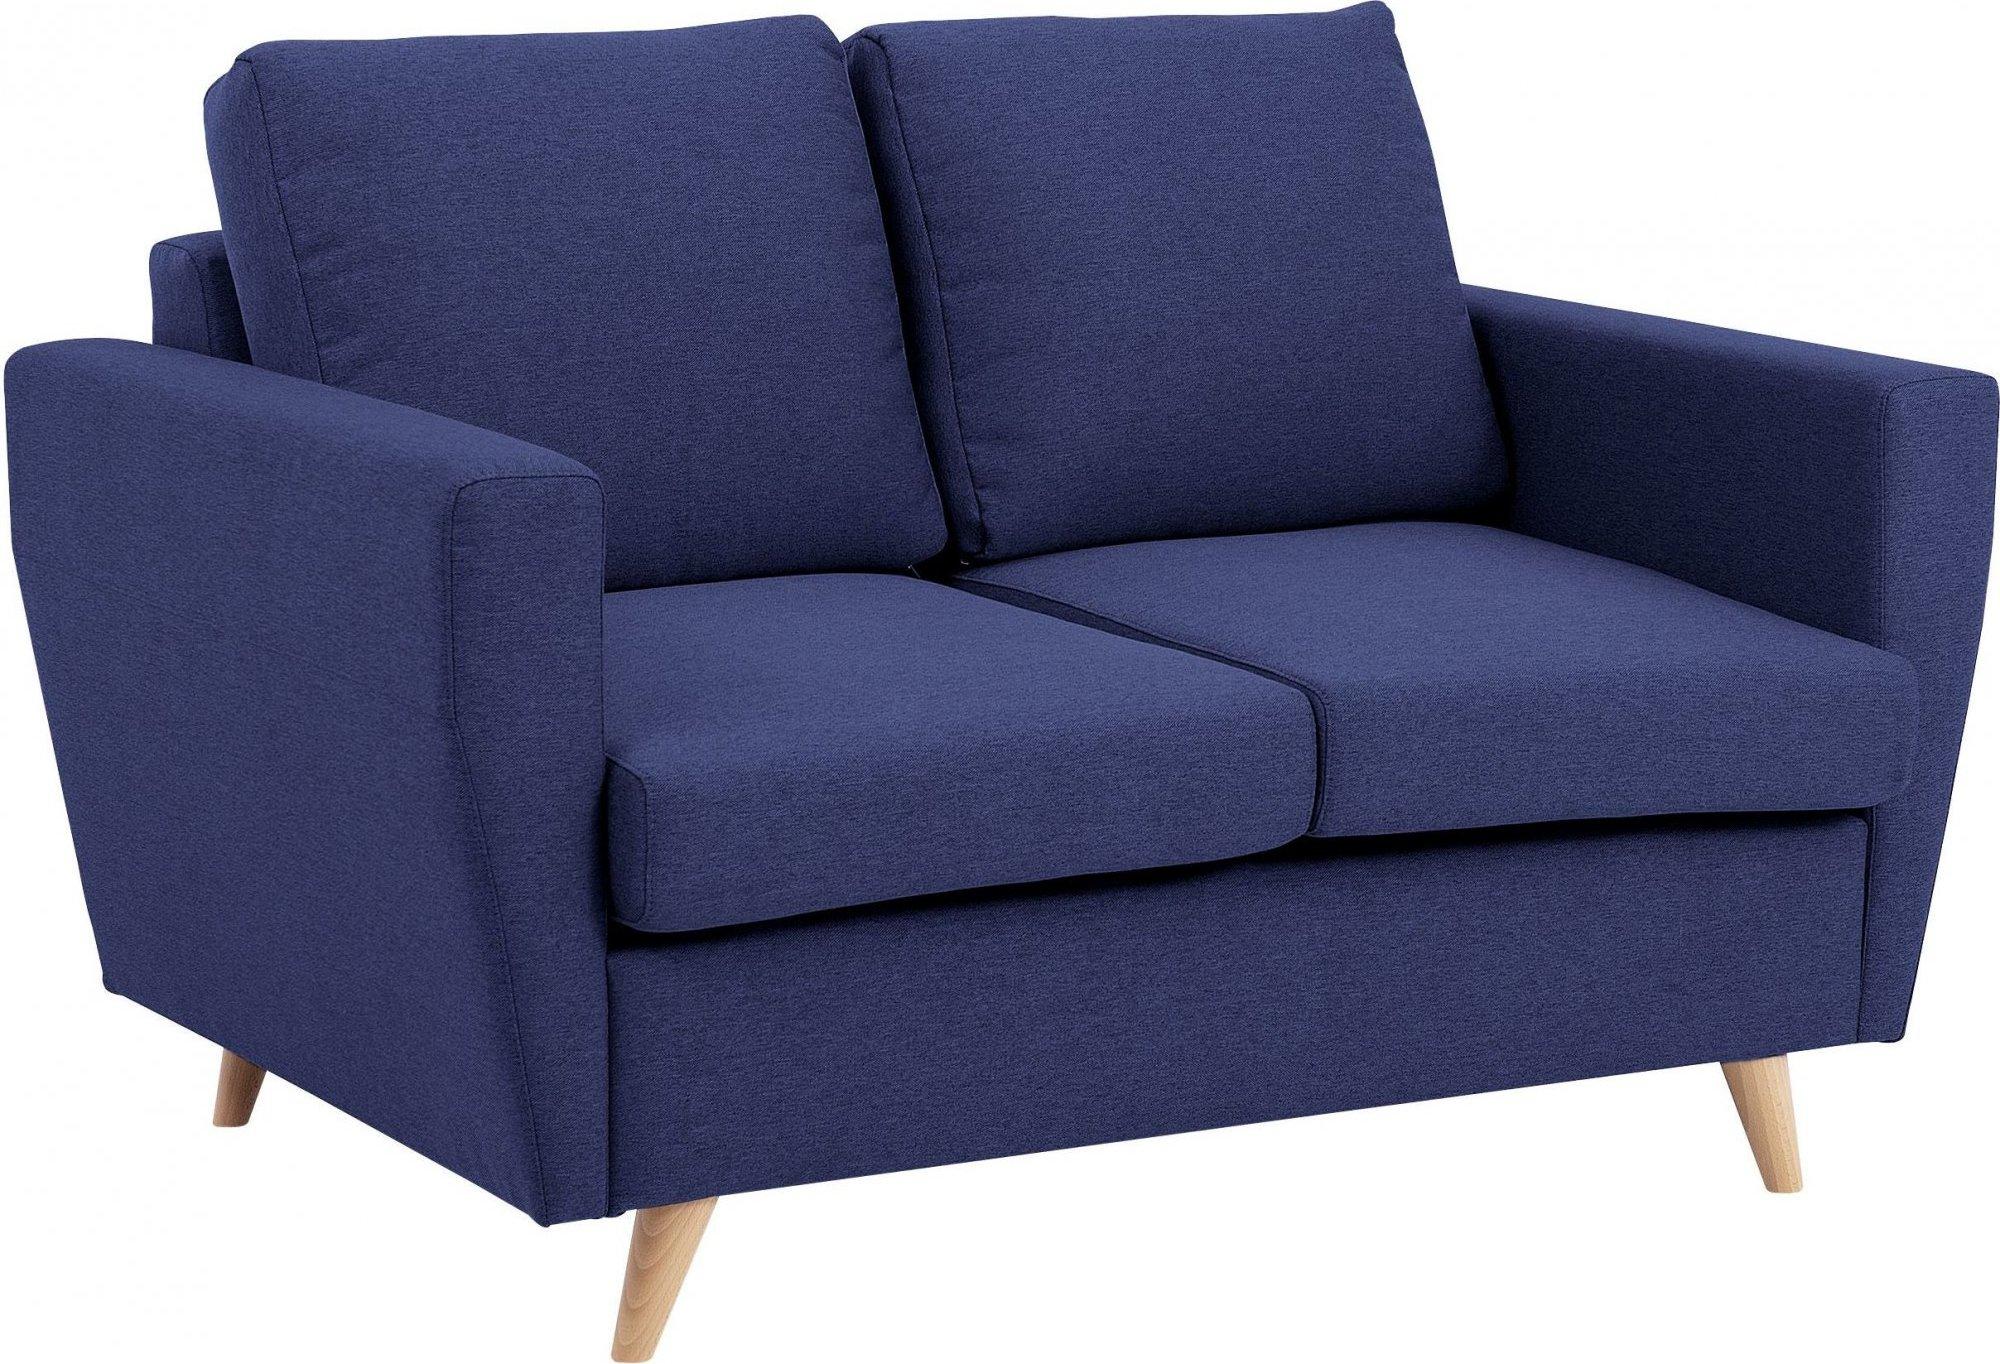 Canapé tissu 2 places bleu h45cm